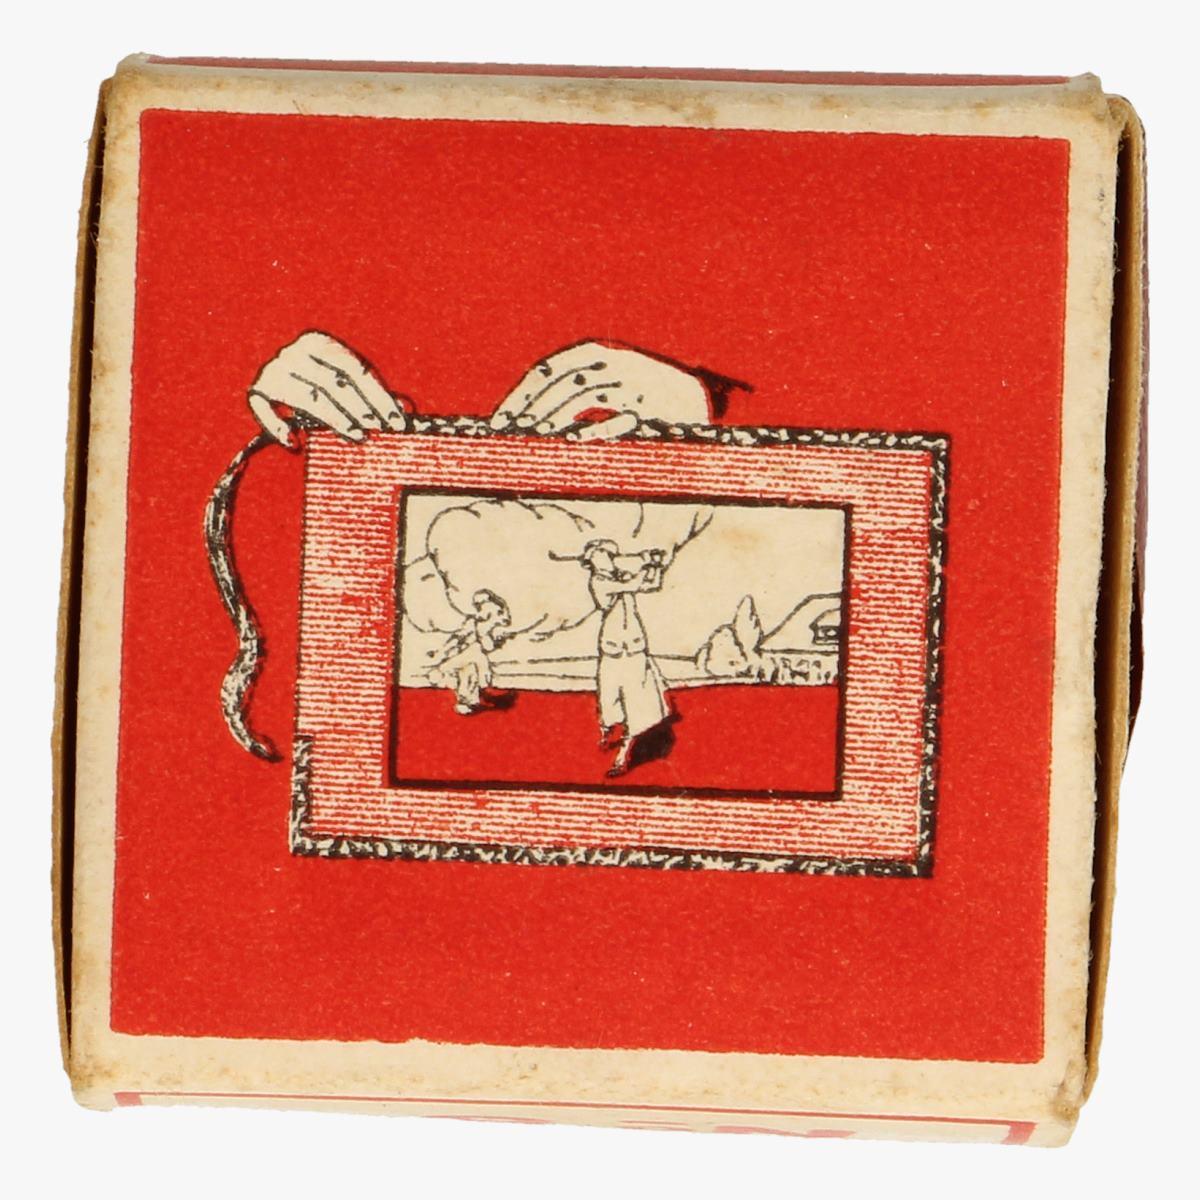 Afbeeldingen van doosje foto band voor omlijstingen